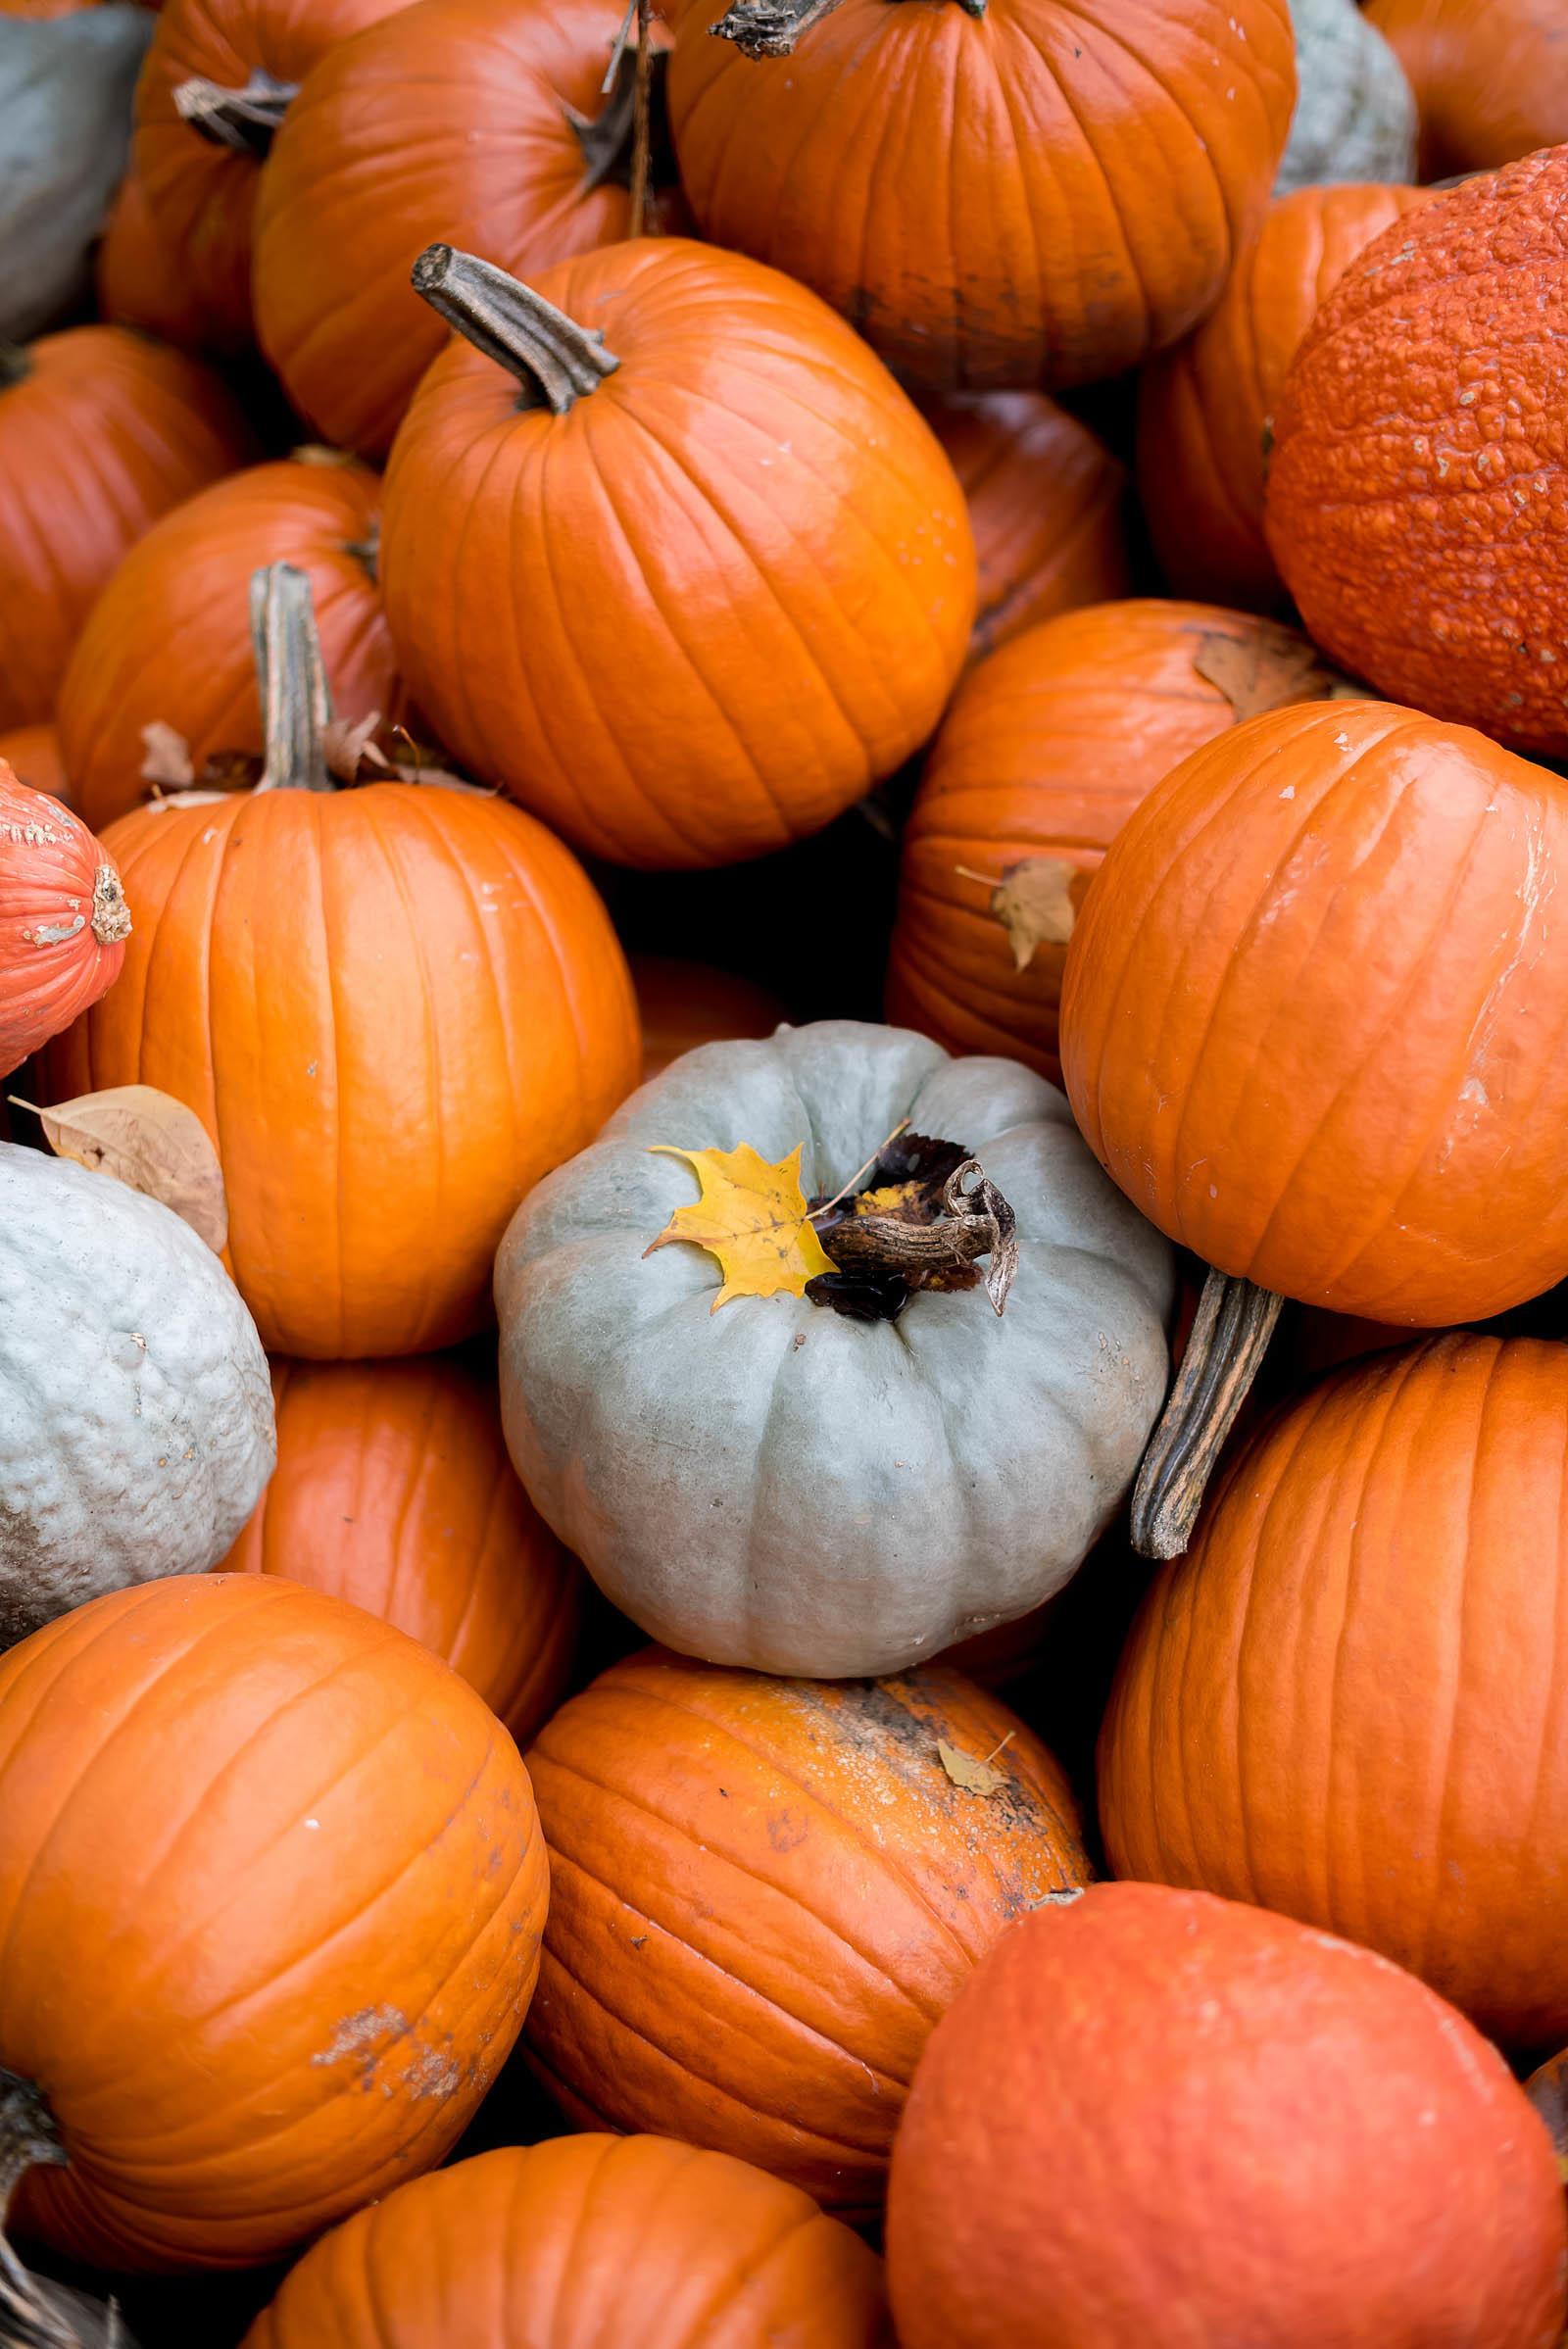 Morton Arboretum Fall Autumn